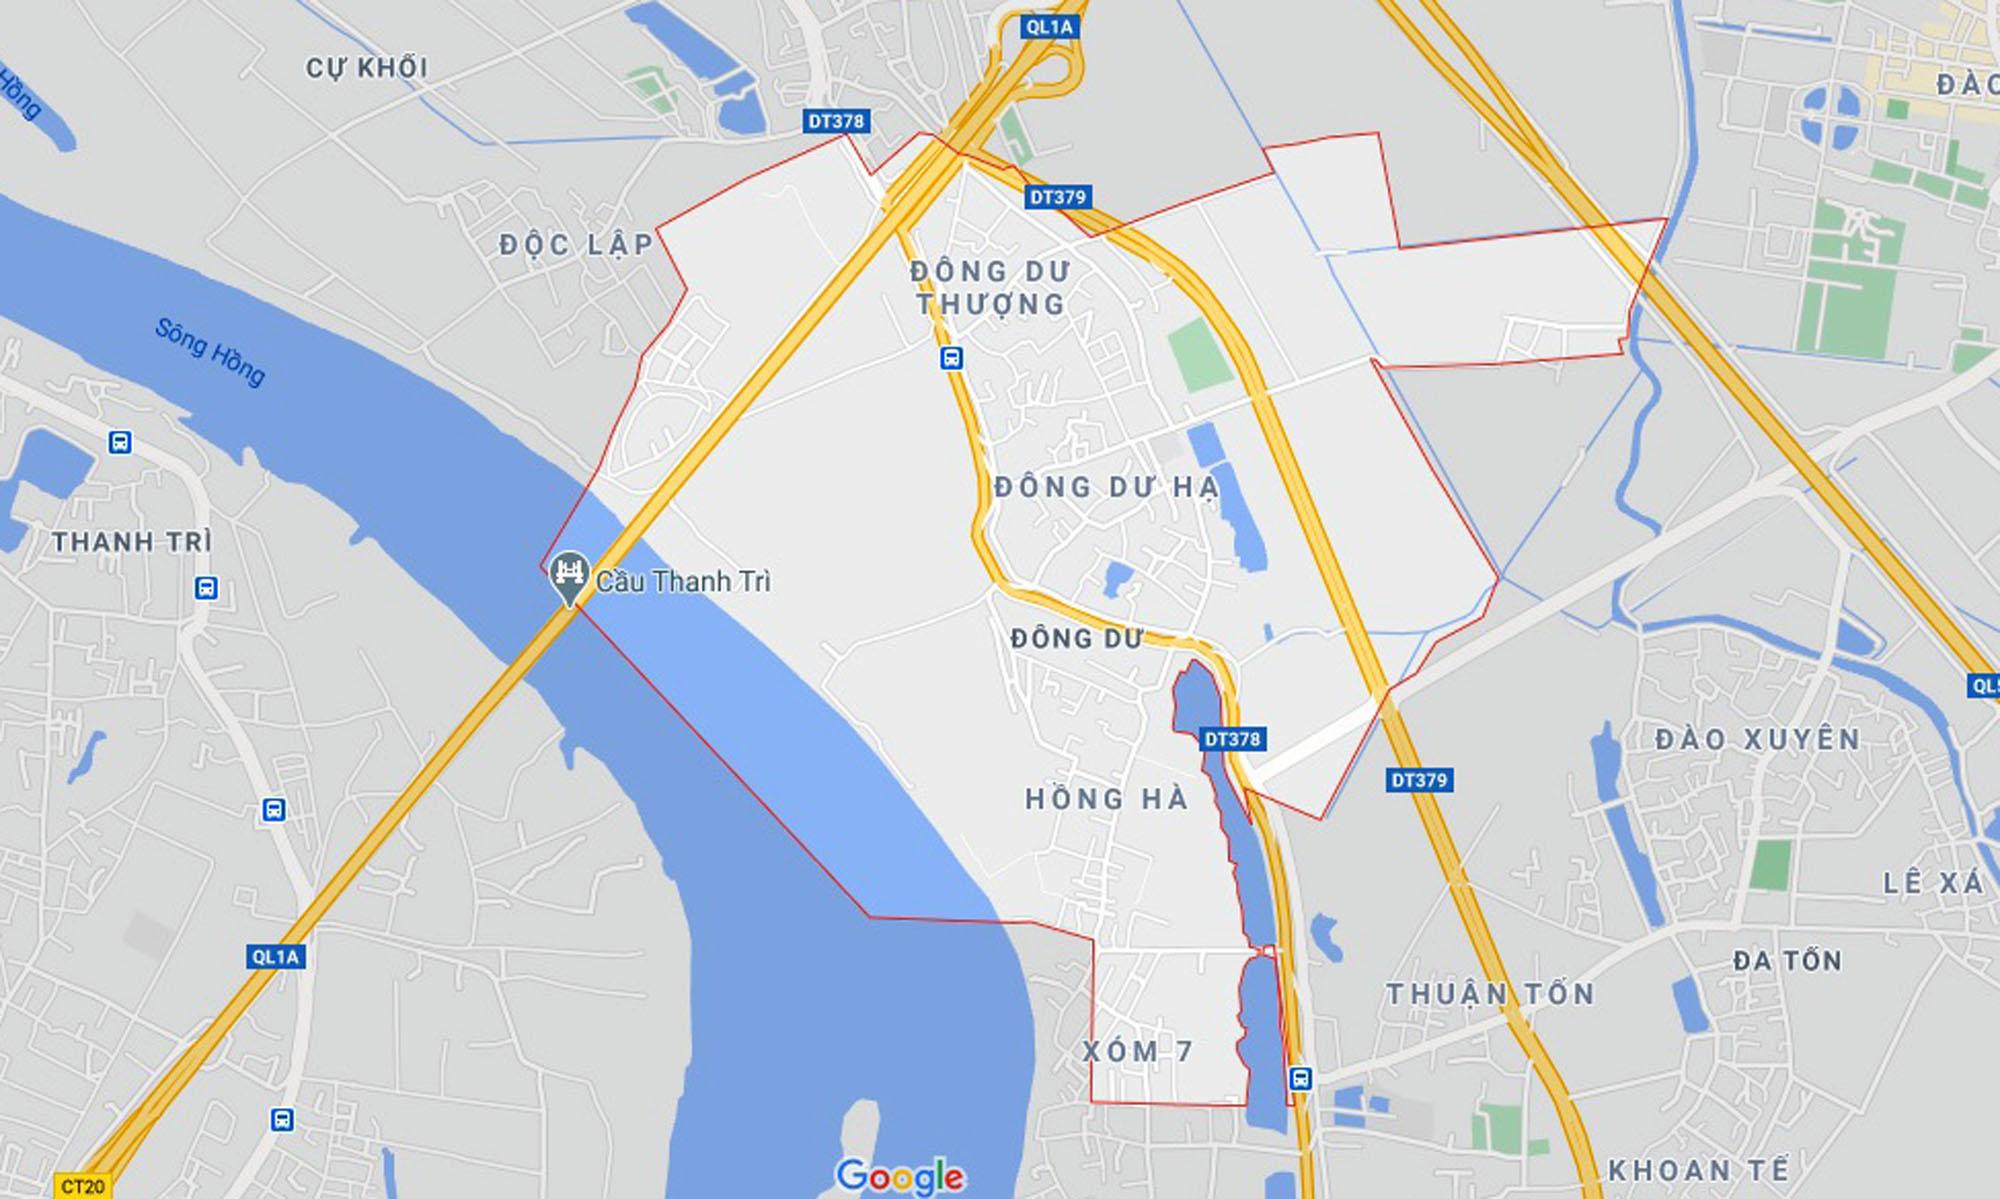 đường sẽ mở theo qui hoạch ở xã Đông Dư, Gia Lâm, Hà Nội - Ảnh 1.